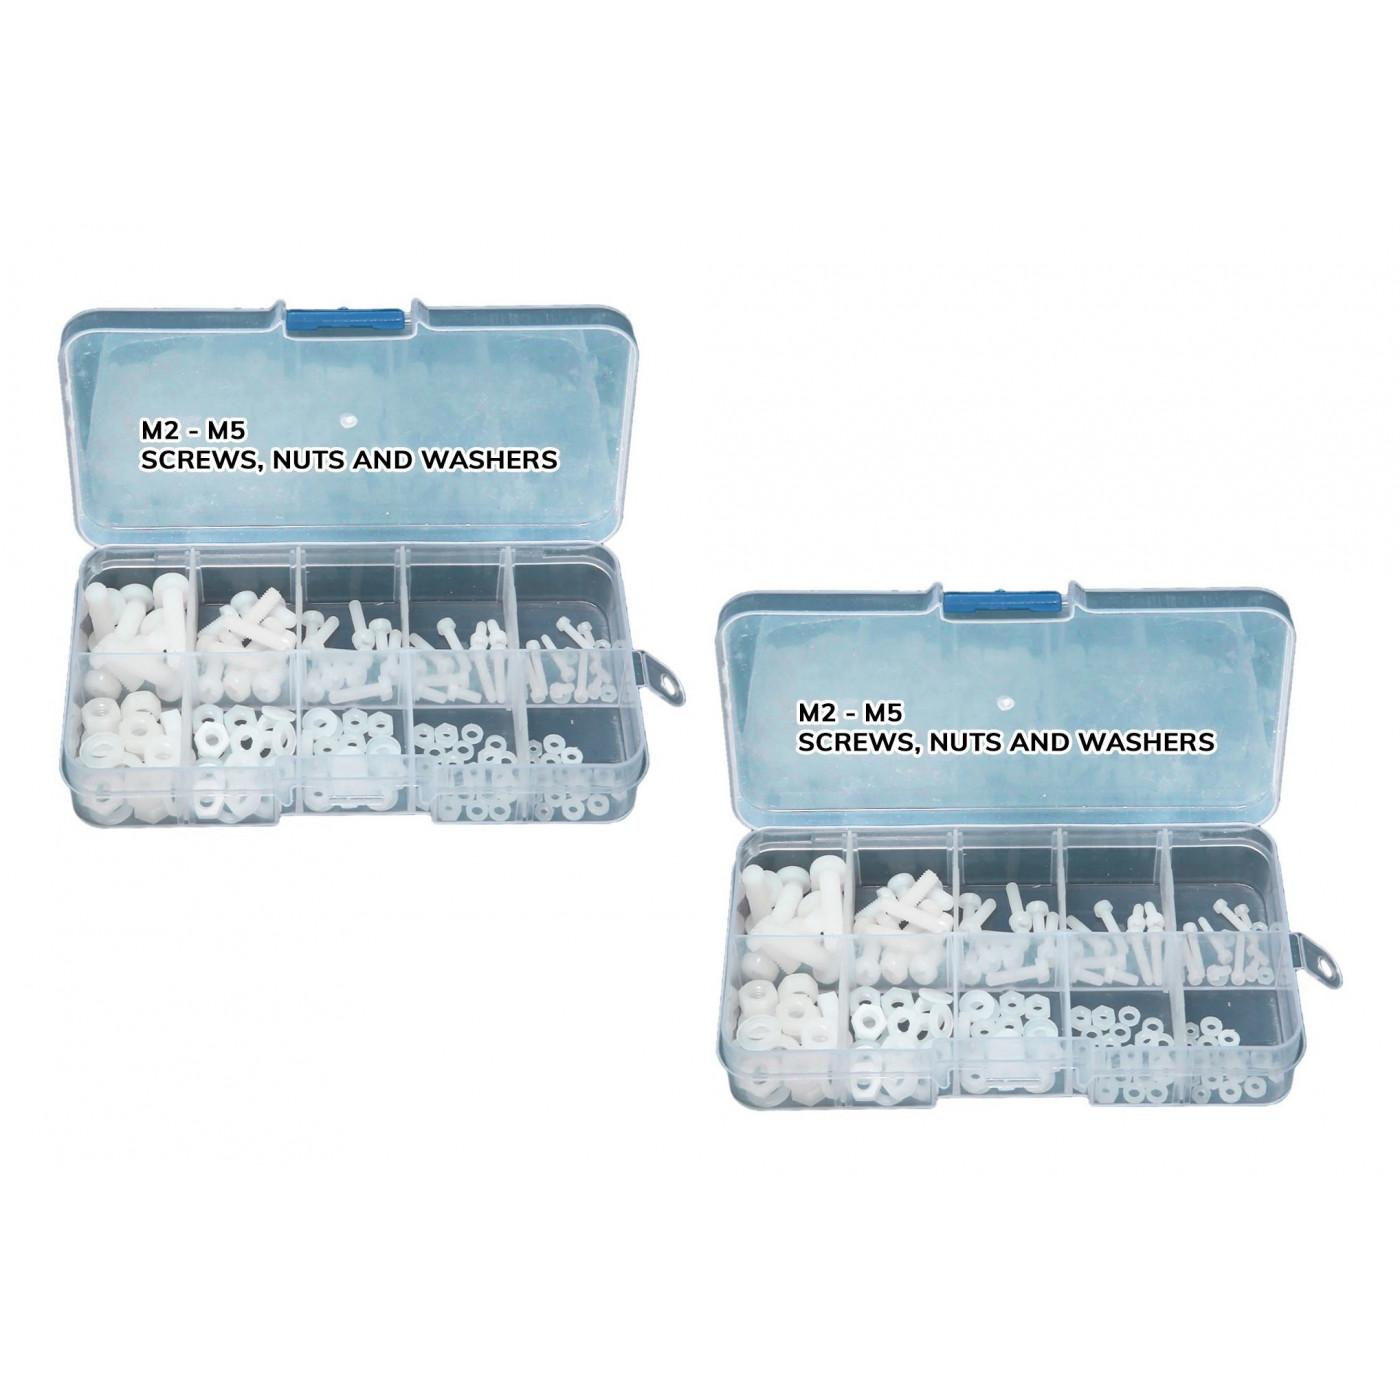 Conjunto de 300 pernos de nylon, tuercas y arandelas (blanco) en caja  - 1